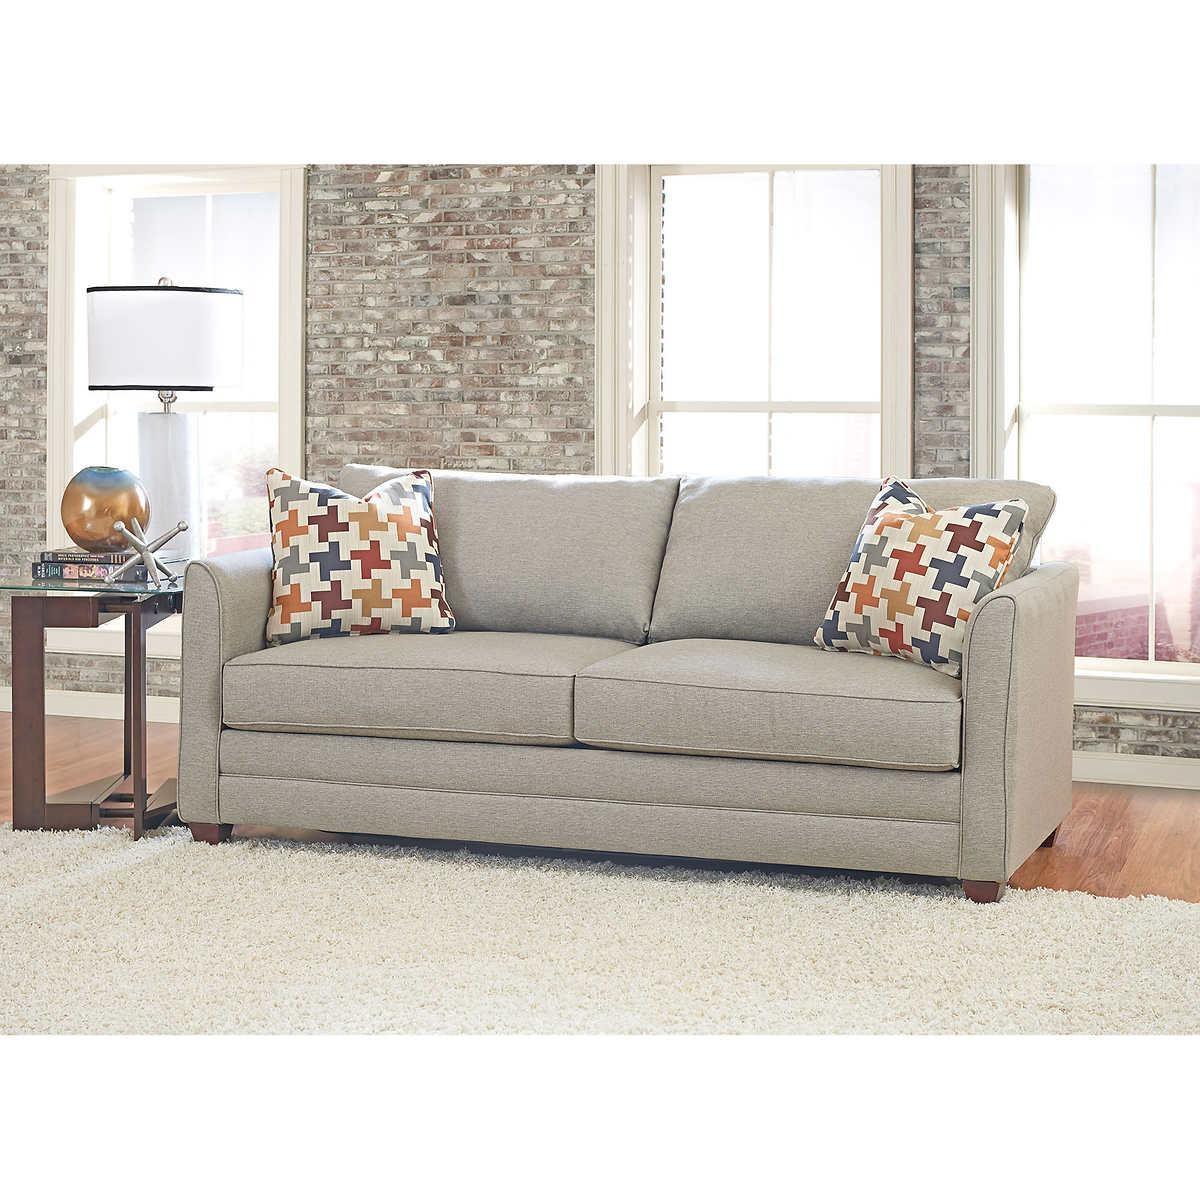 sofa sheets chester segunda mano madrid 20 photos queen sleeper ideas